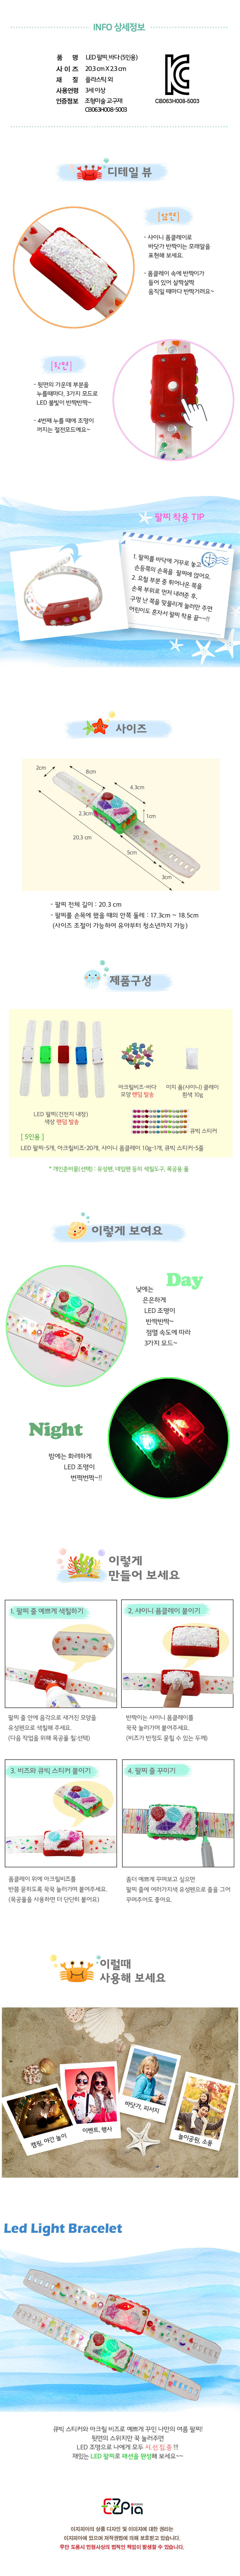 LED 팔찌_바다 (5인전용) - 이지피아, 7,350원, 파티의상/잡화, 장갑/팔찌/수갑